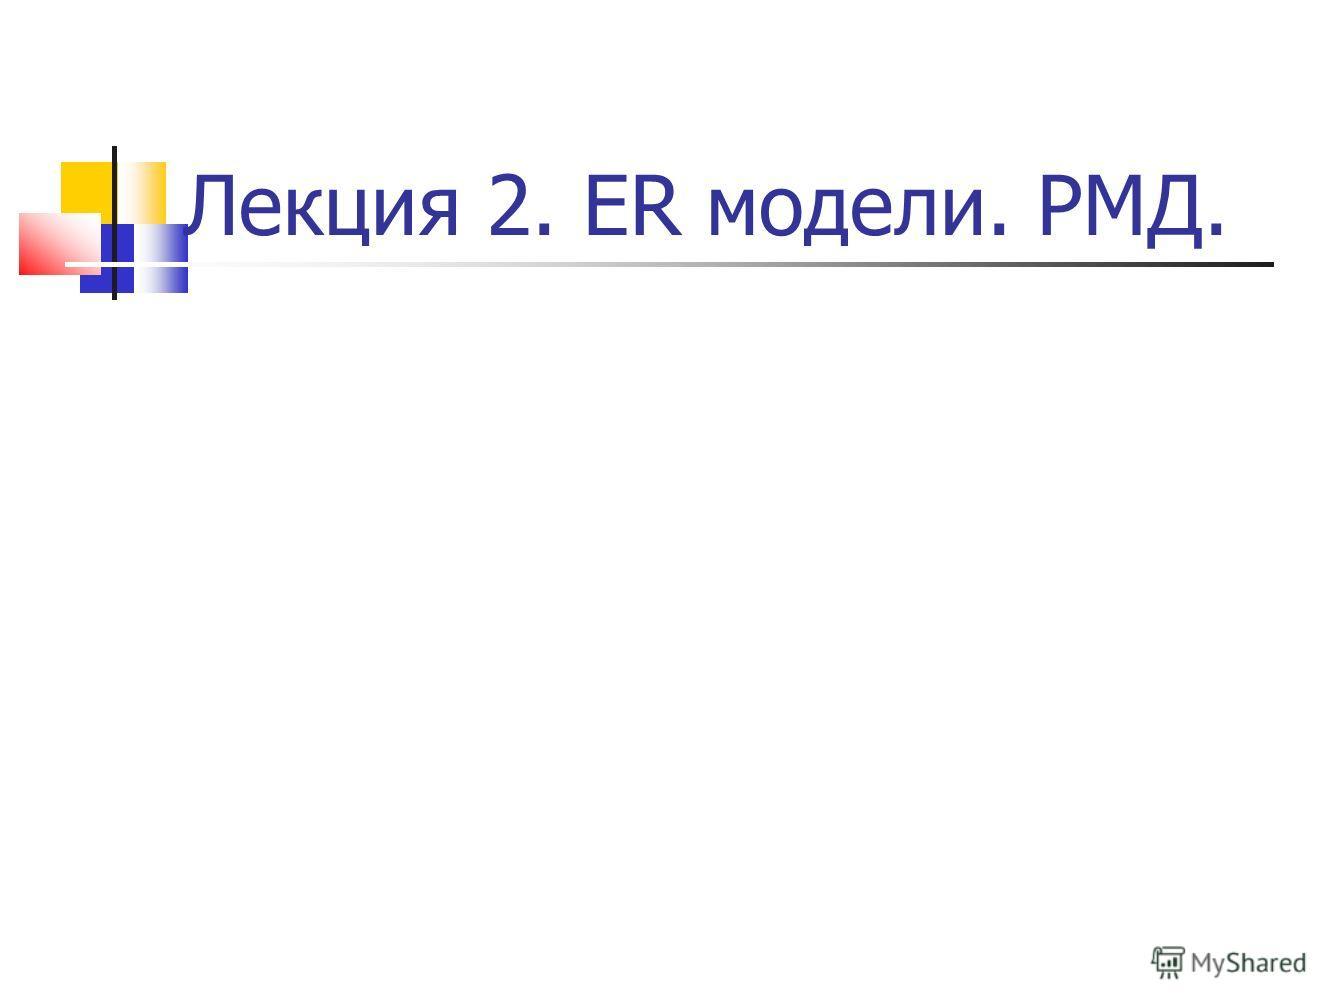 Лекция 2. ER модели. РМД.